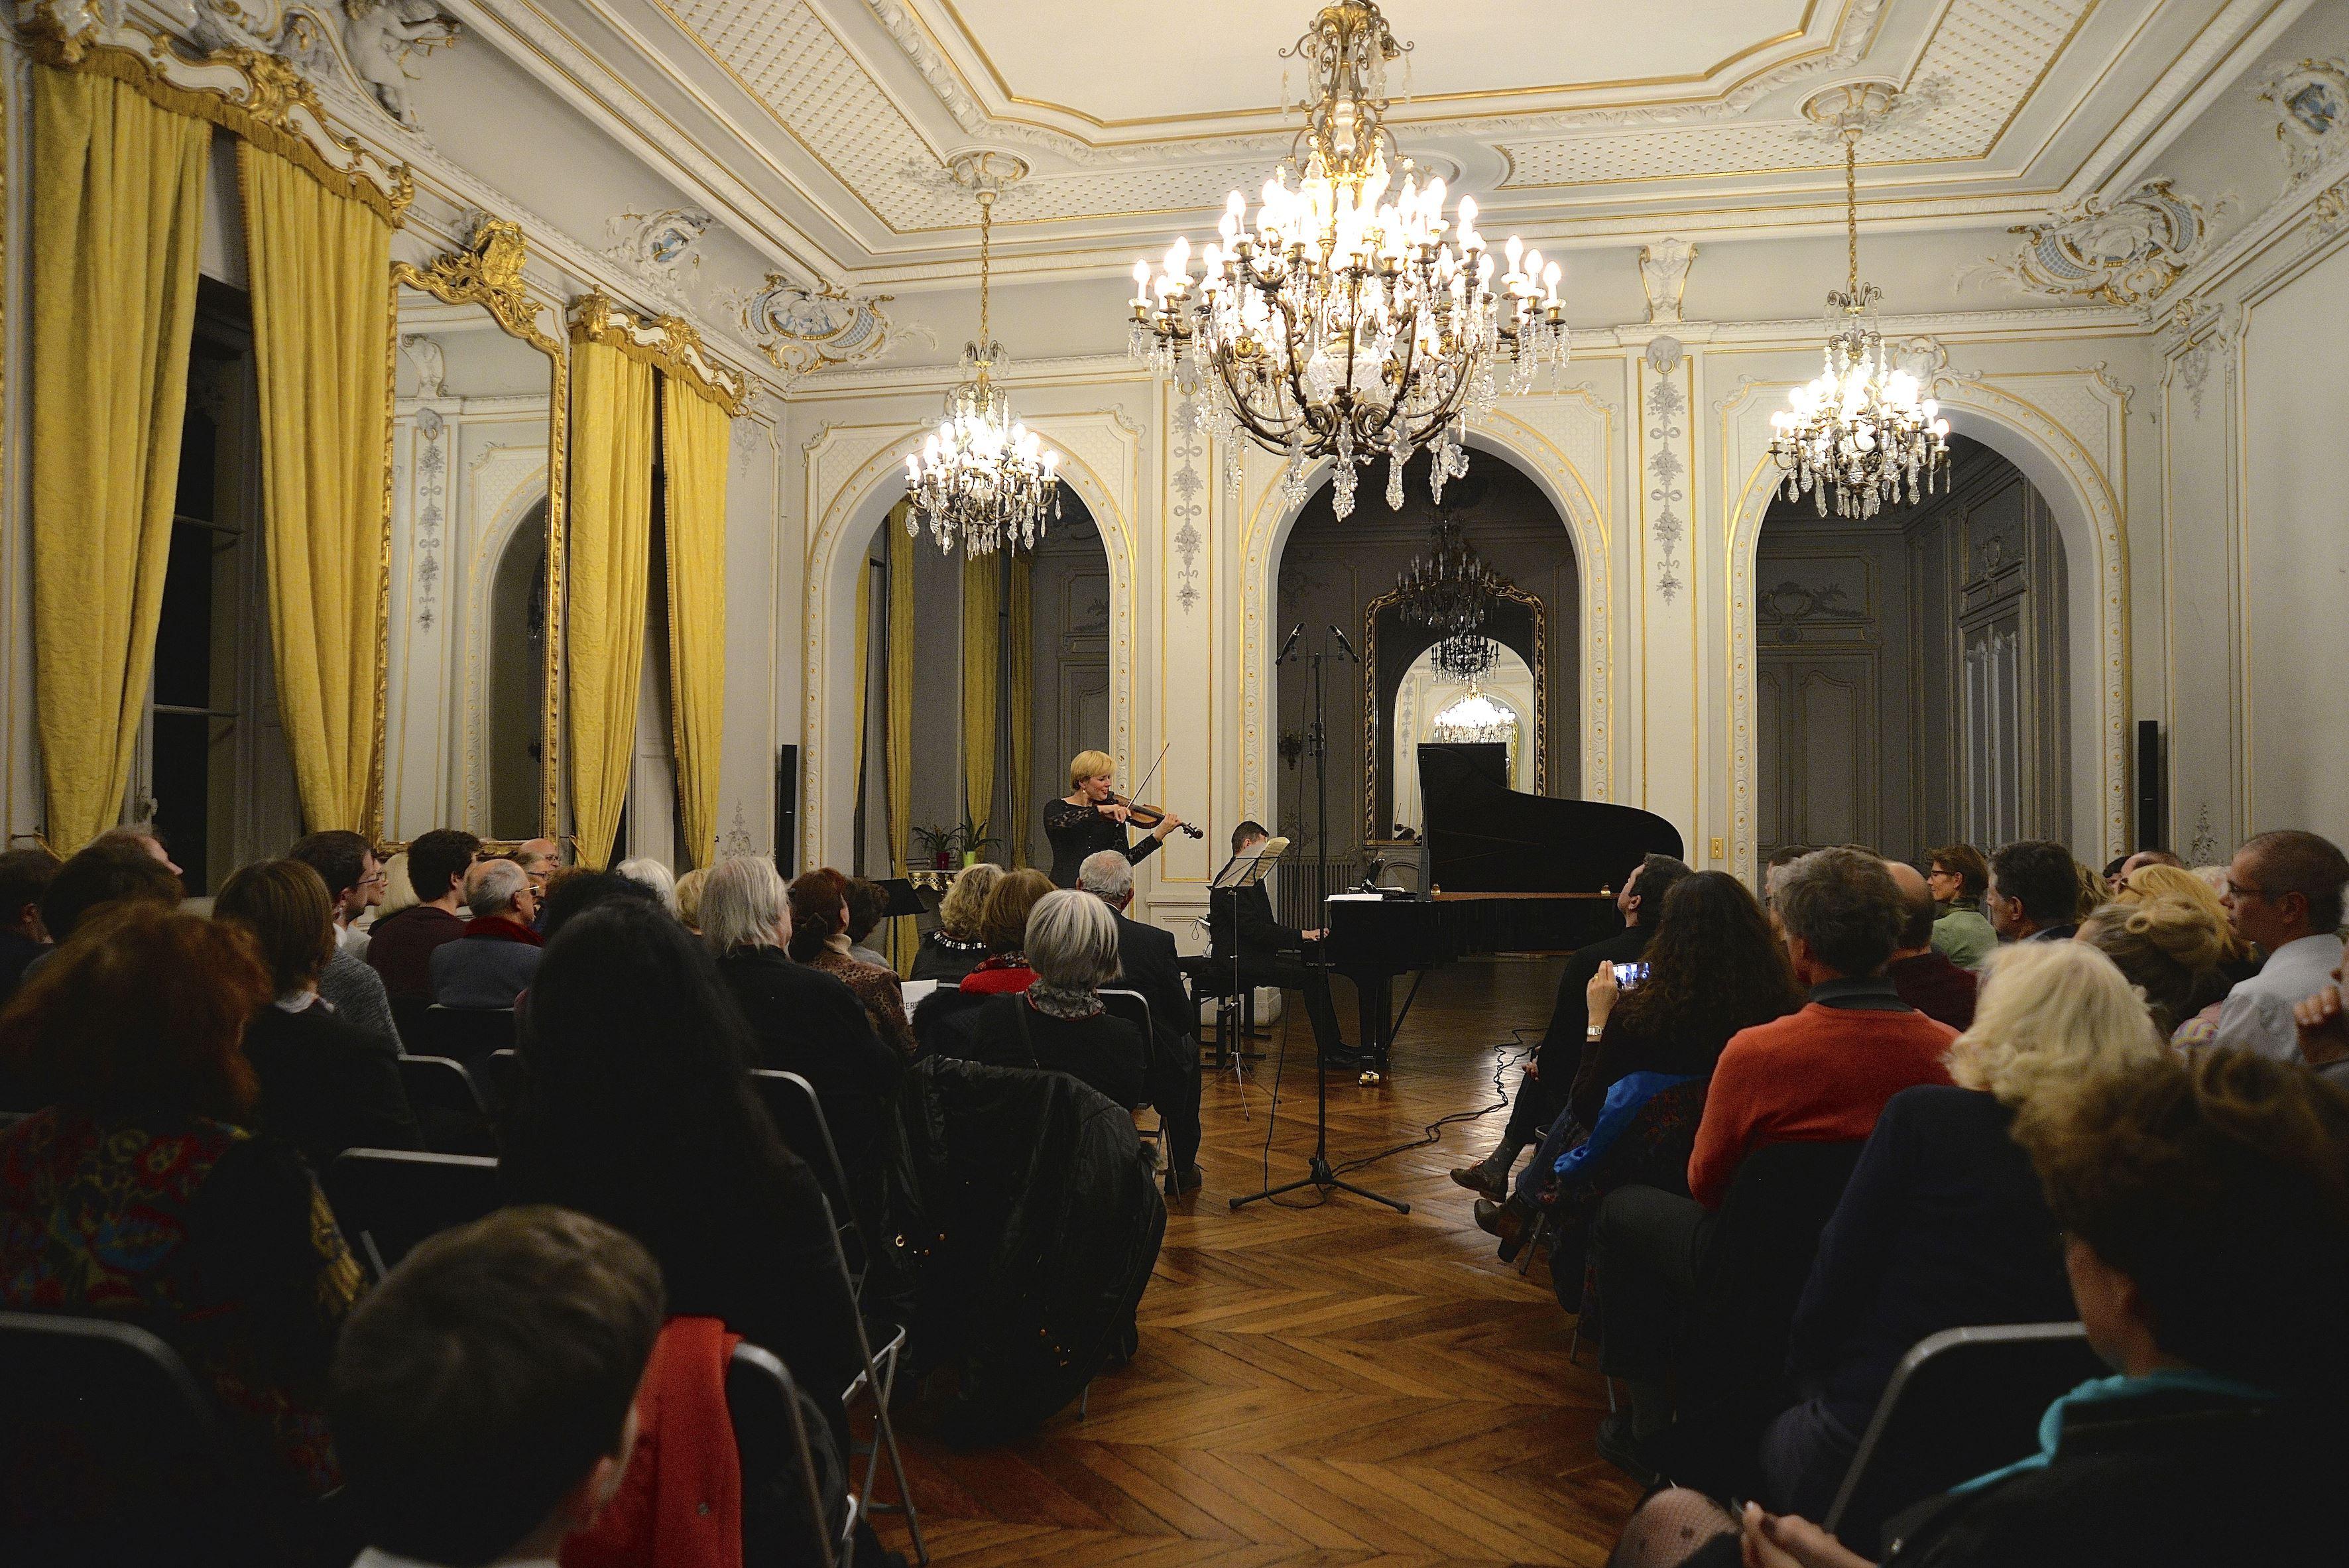 Musique au Palais